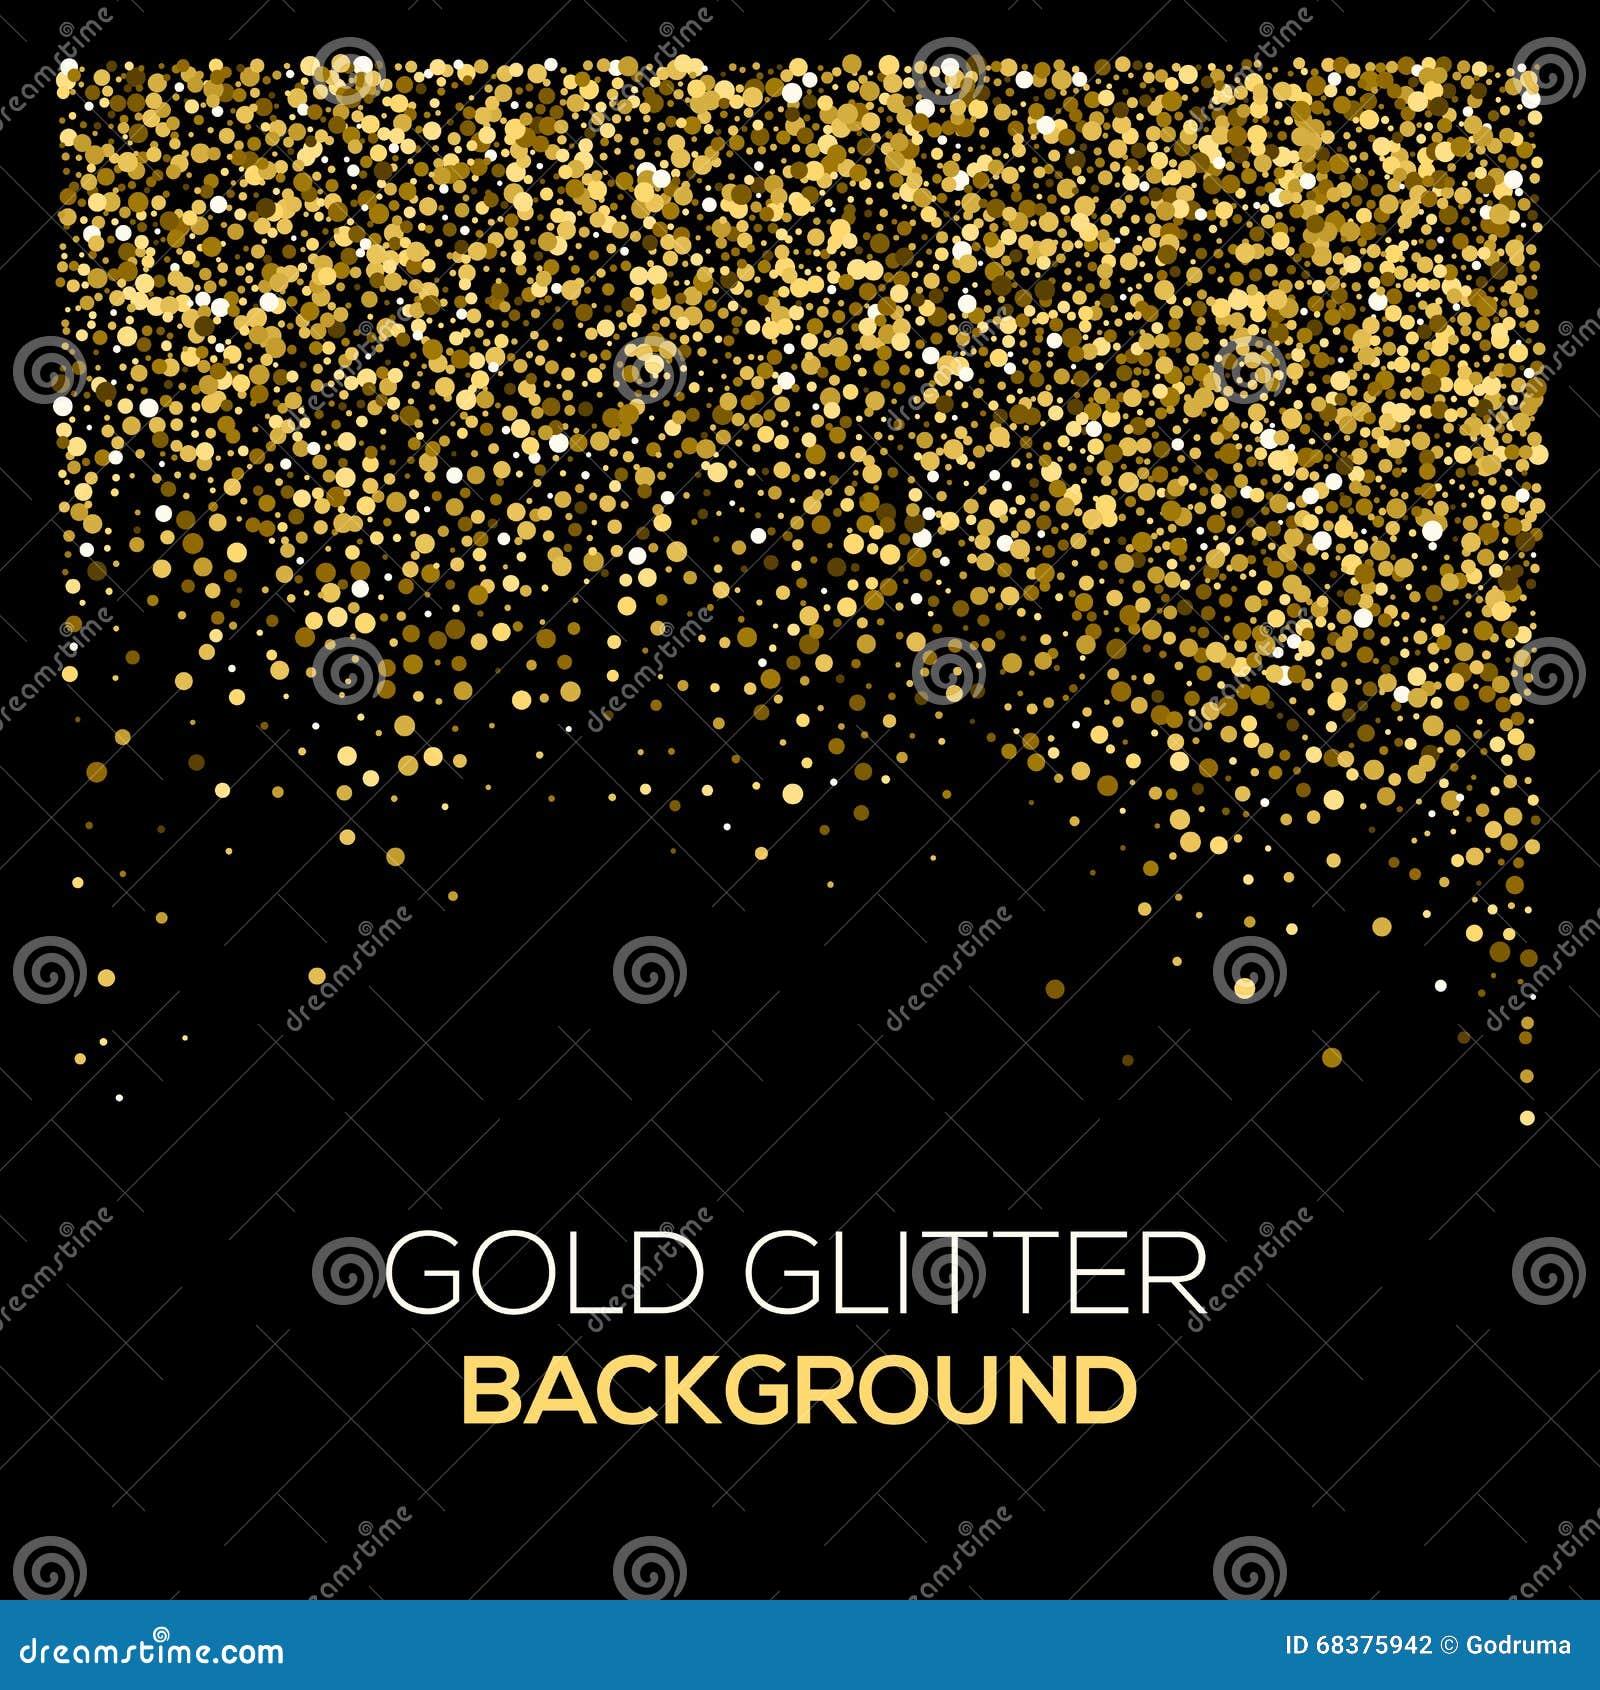 Confetti background vector golden confetti background - Royalty Free Vector Download Gold Confetti Glitter On Black Background